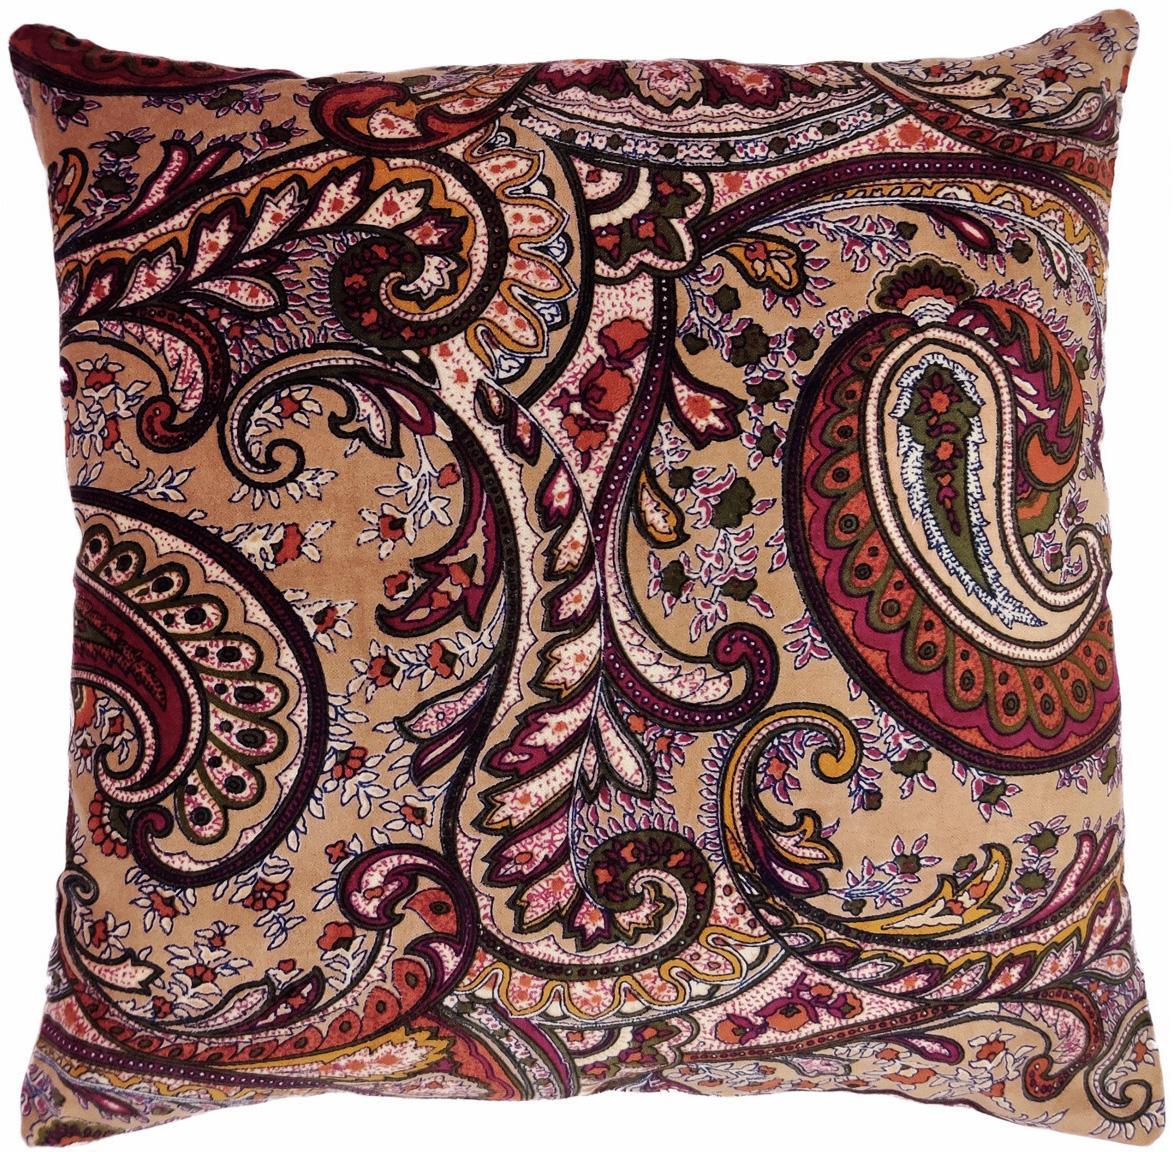 Cuscino con imbottitura Paisley, Rivestimento: 100% cotone, Beige, multicolore, Larg. 45 x Lung. 45 cm